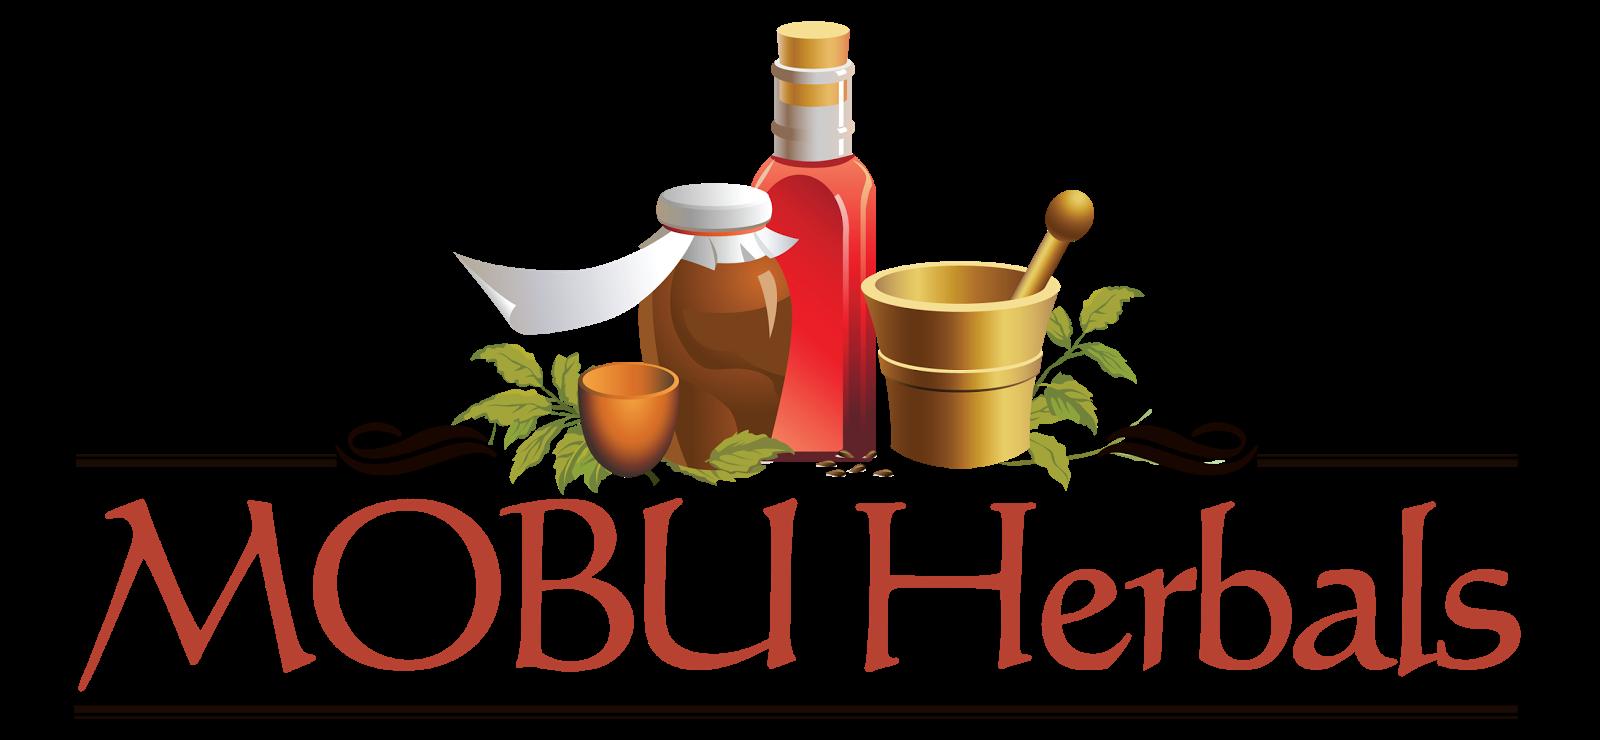 MOBU Herbals, herbal remedy, herbal healing